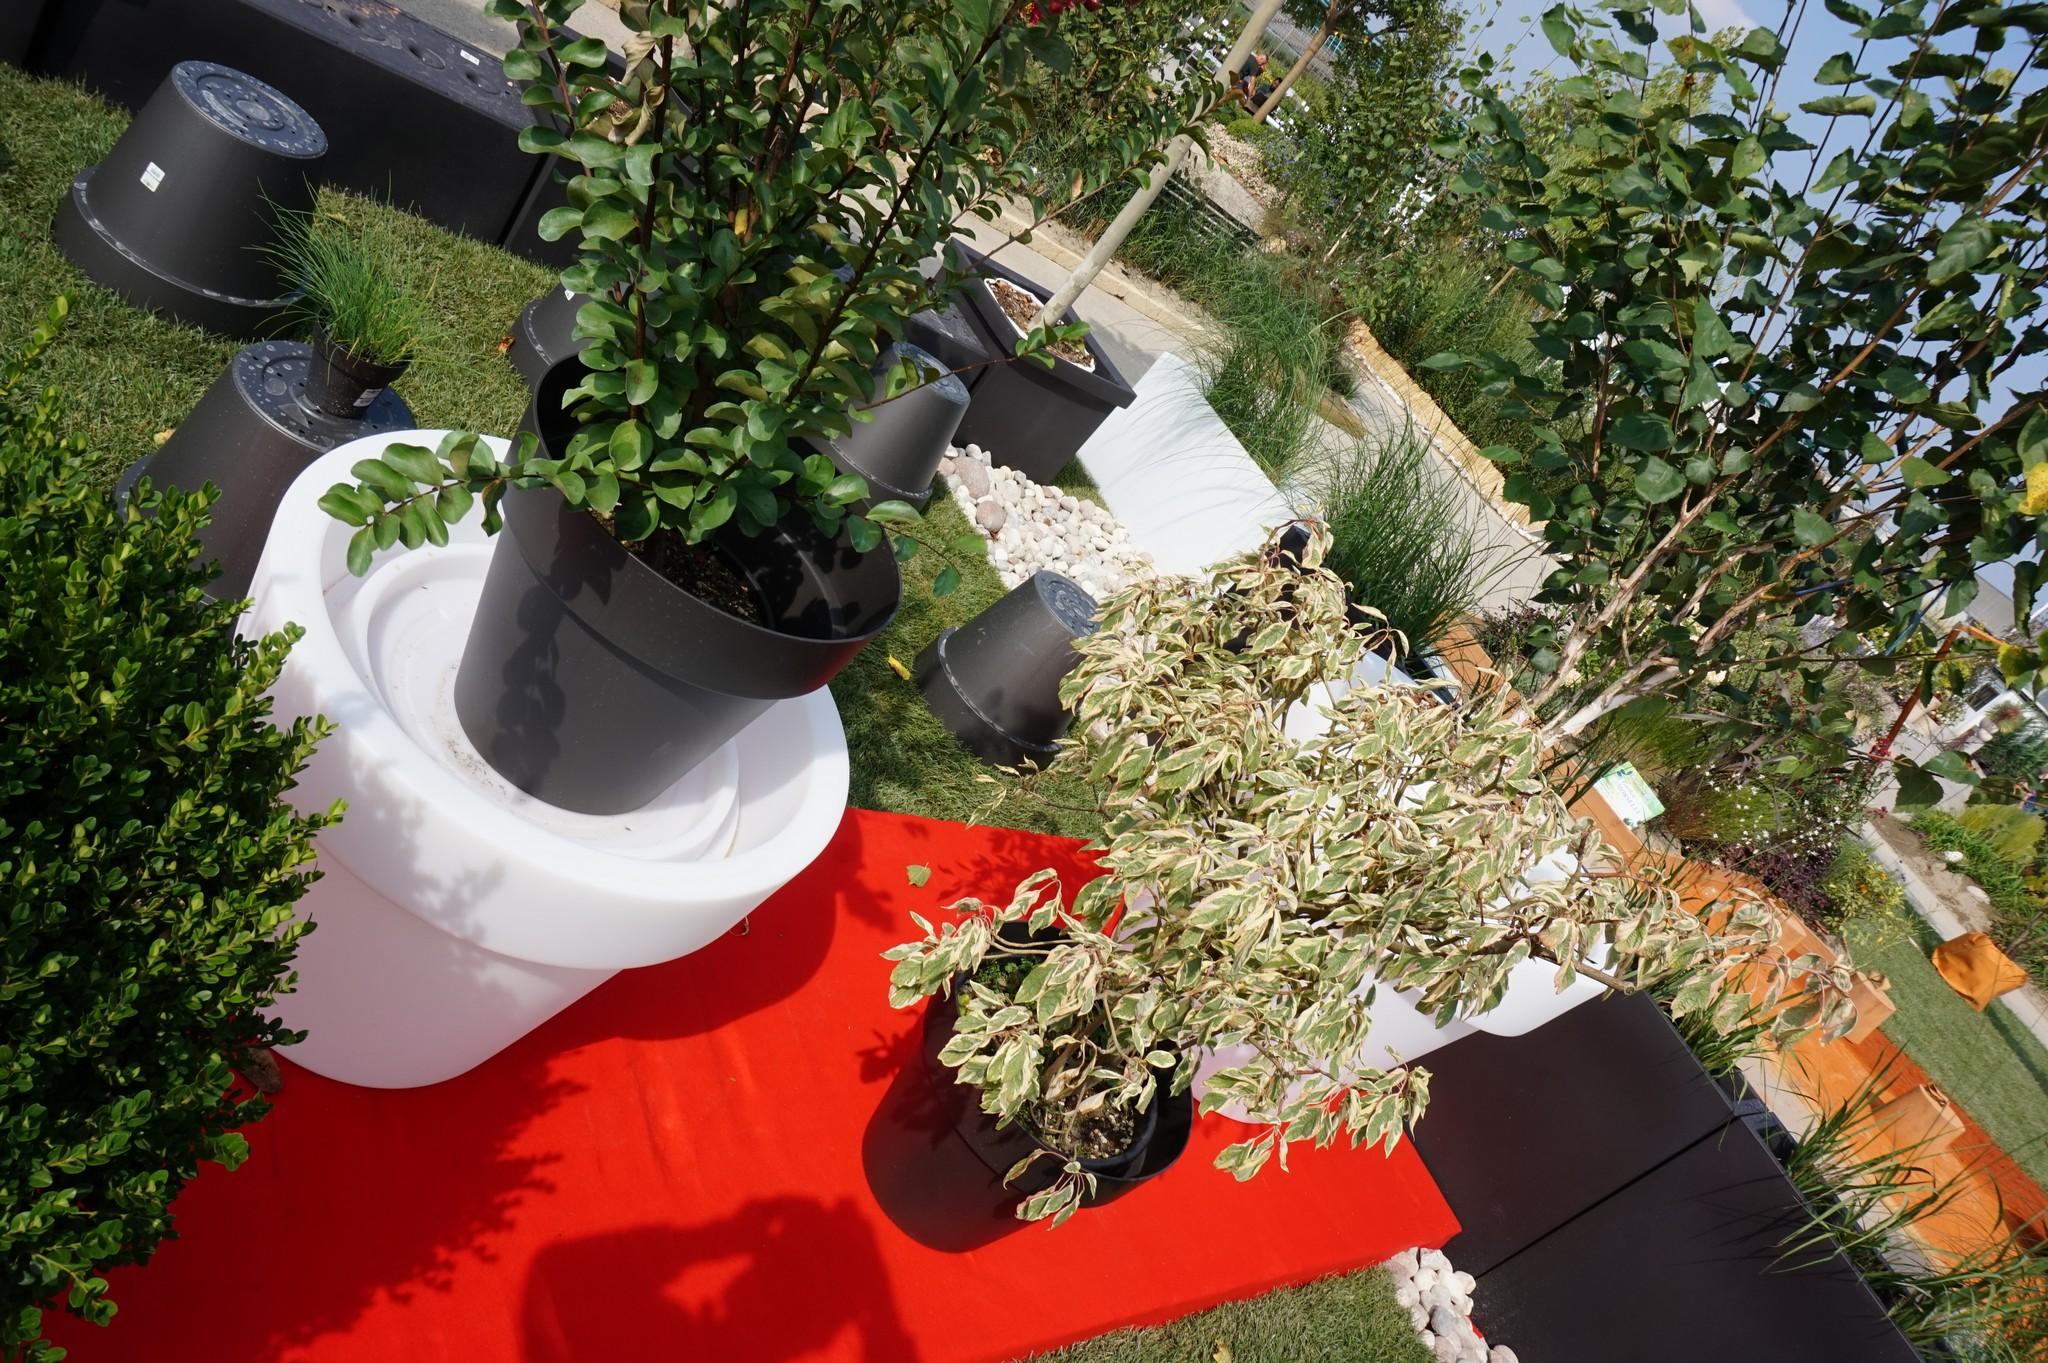 Concorso giardini Verdeggiando_101 Fashion Green Parade (7GKW3) DM Landscape Marica Succi e Domenico Dipinto